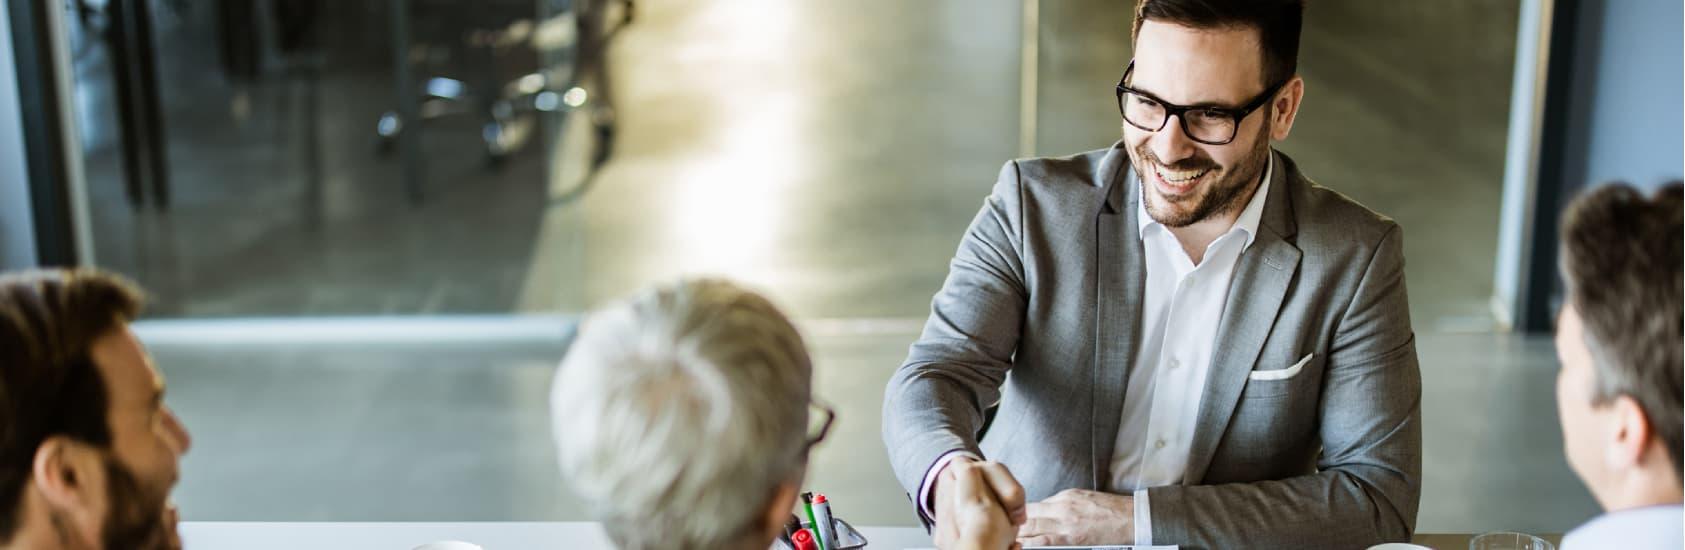 ¿Cómo mejorar el proceso de selección de las empresas?